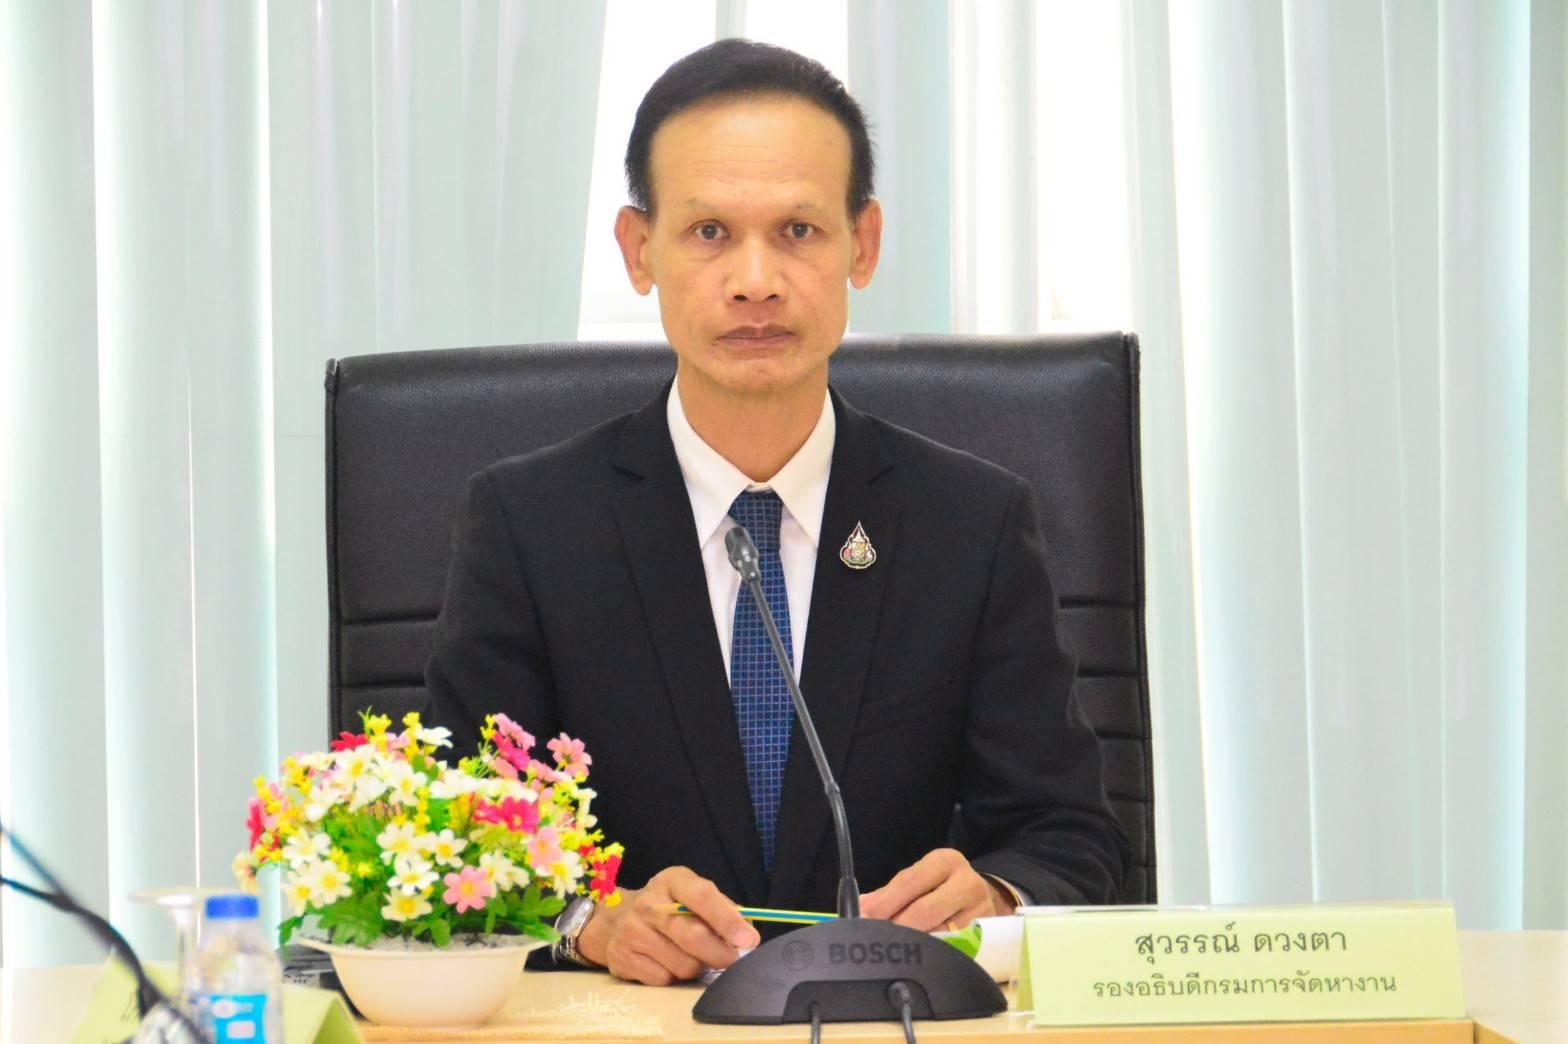 การประชุมคณะอนุกรรมการพิจารณากลั่นกรองการจัดสรรเงินกองทุนฯ ครั้งที่ 4/2563